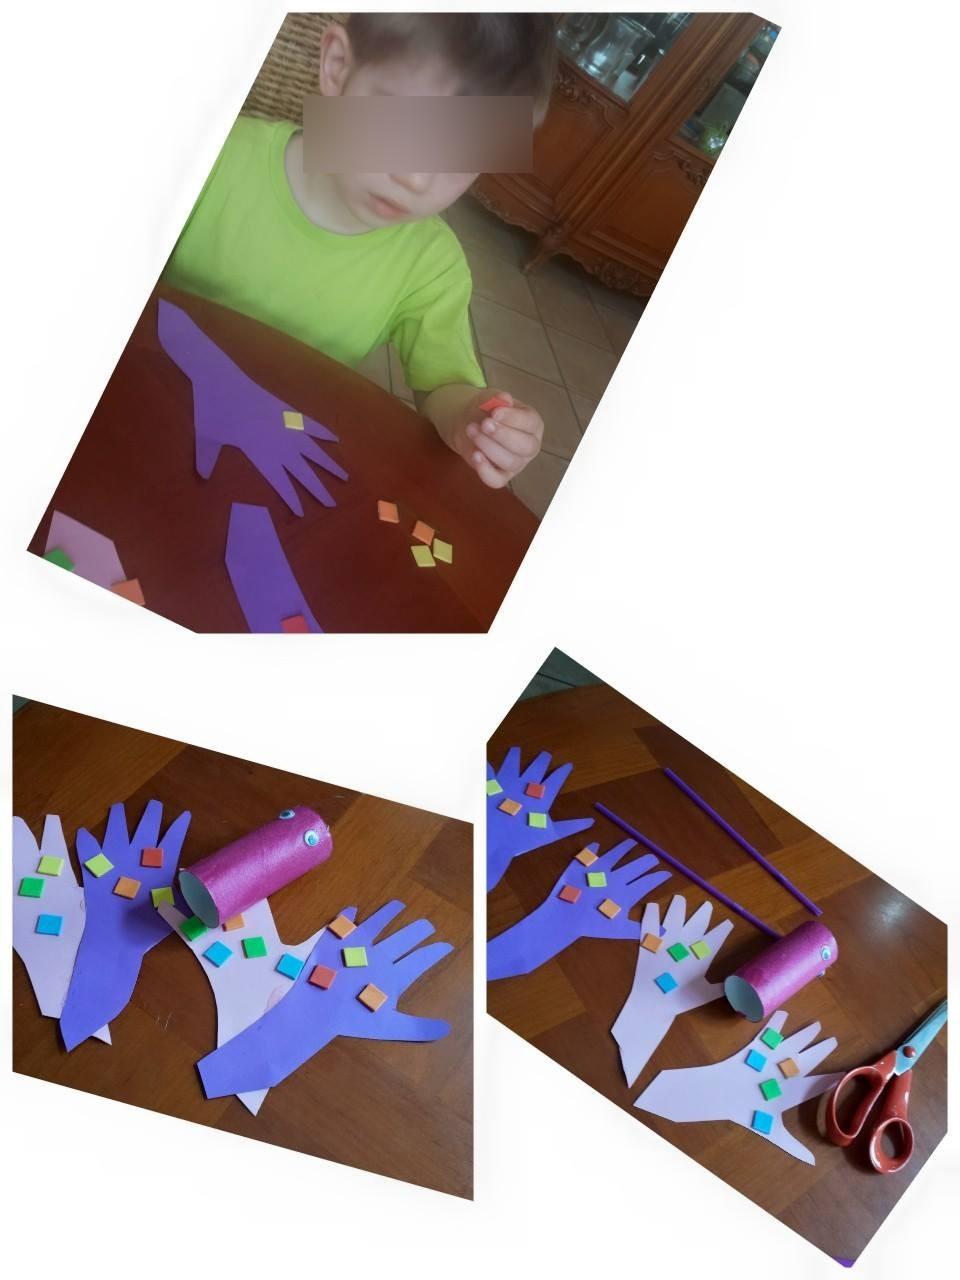 Collage de gommette, ateleir assistante maternelle Villeparisis, blog